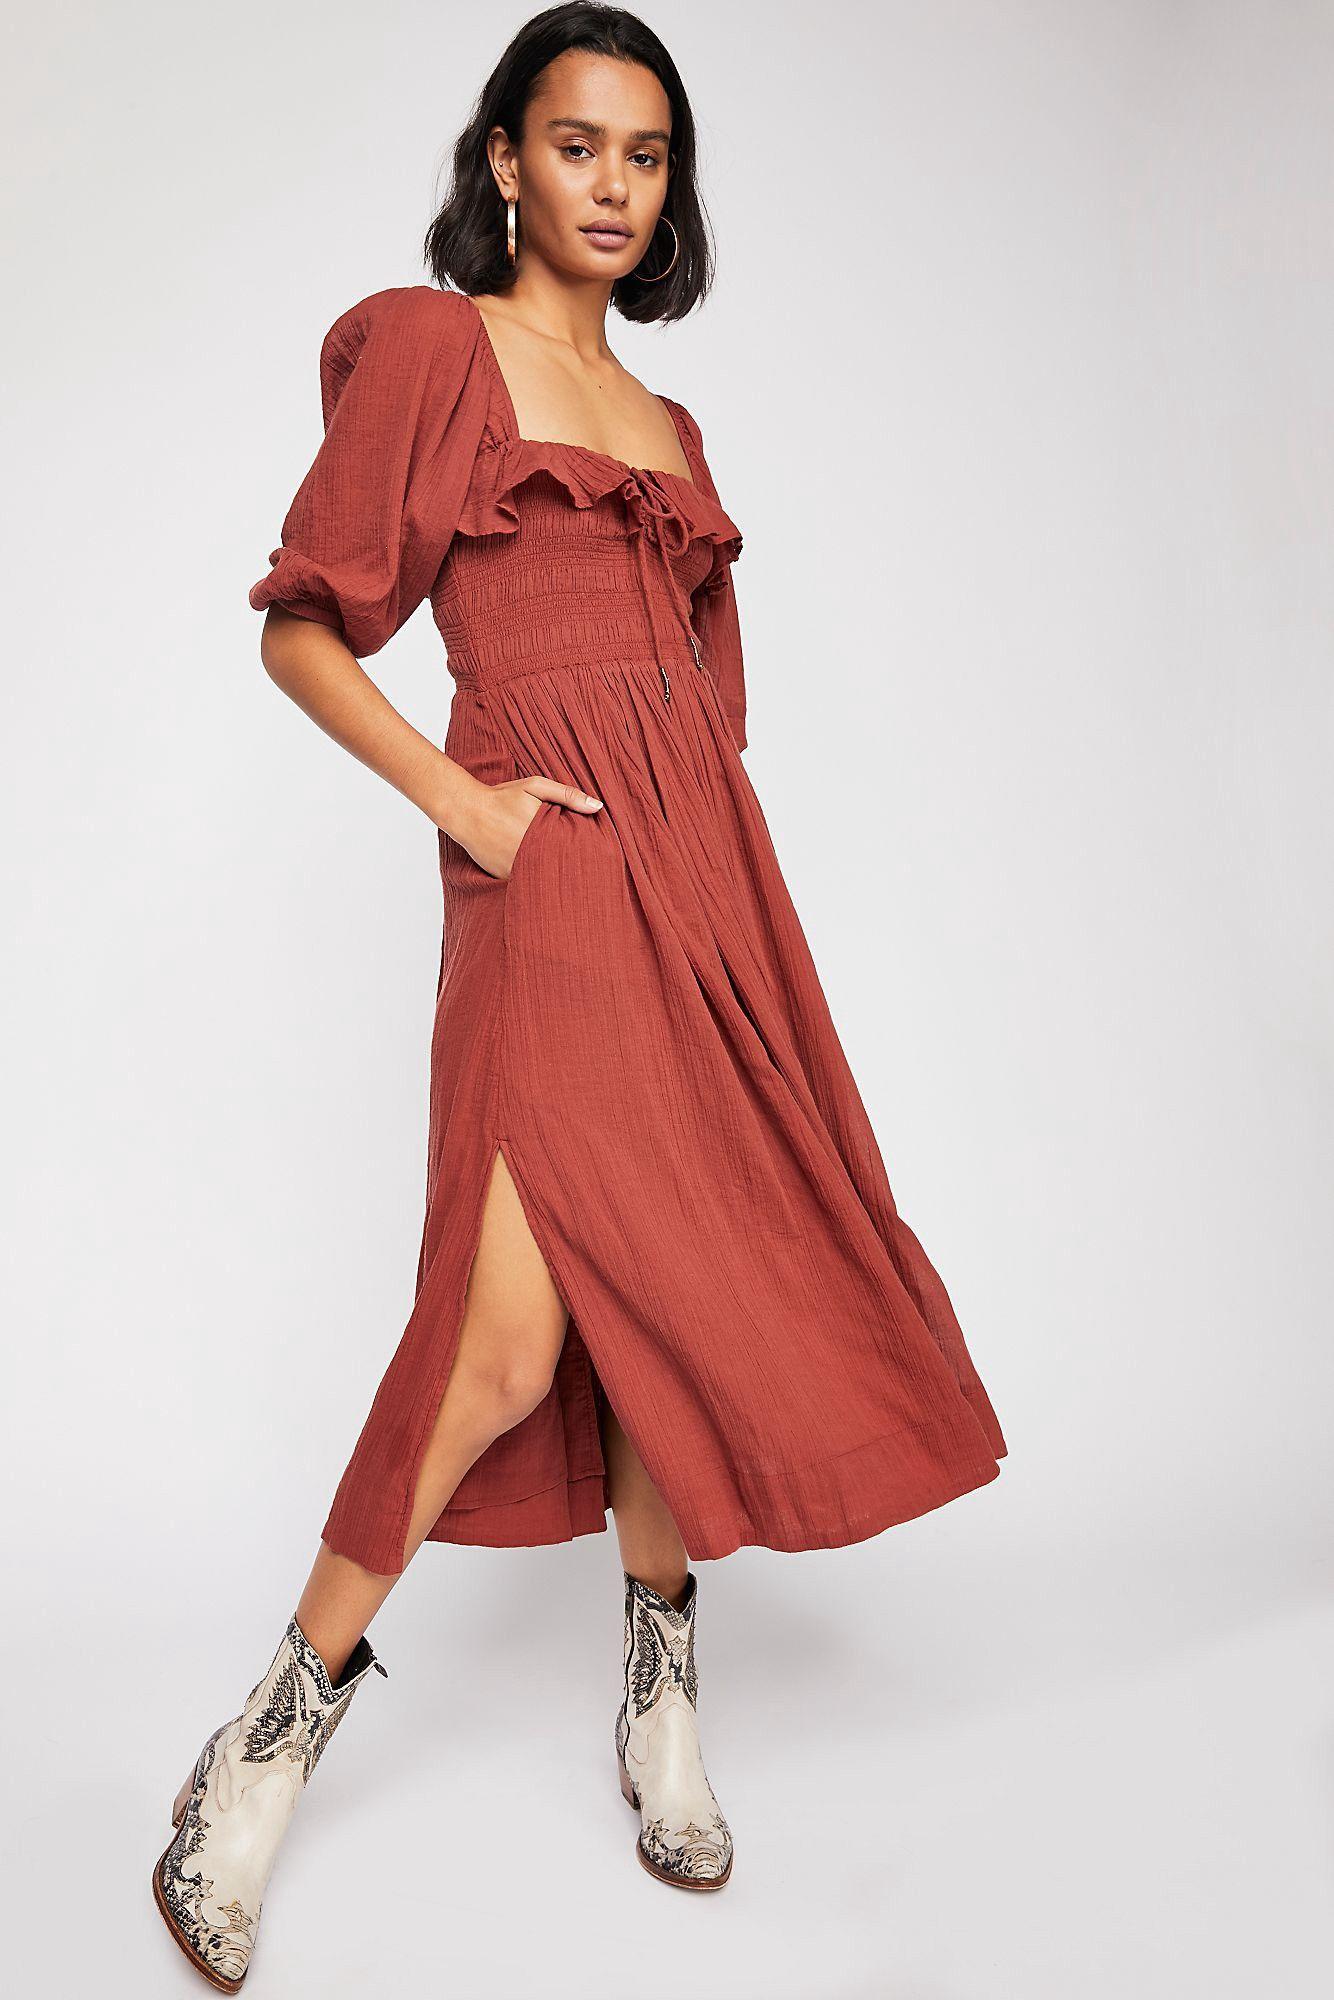 e596ad8ef291 Free People Oasis Midi Dress - L | Products | Dresses, Fashion, Fall ...